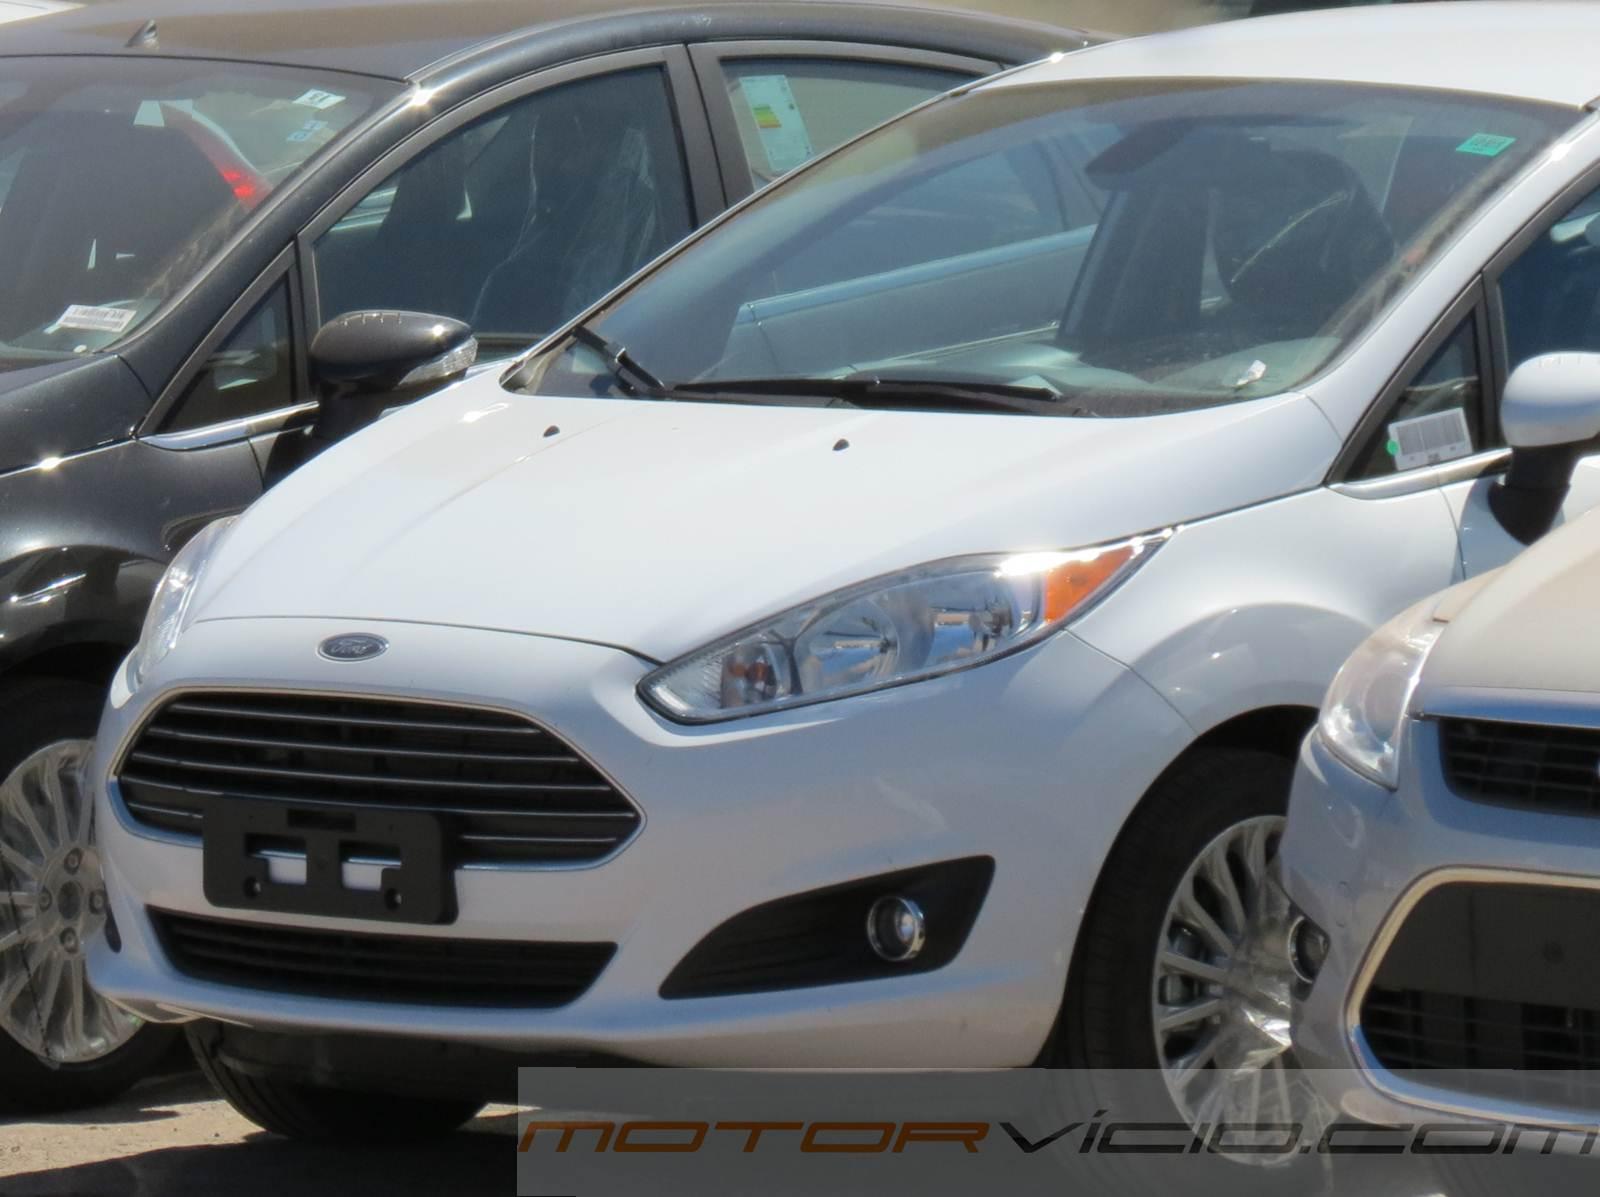 Novo Fiesta Sedan 2014: fotos, preço e ficha técnica | Motor Vício